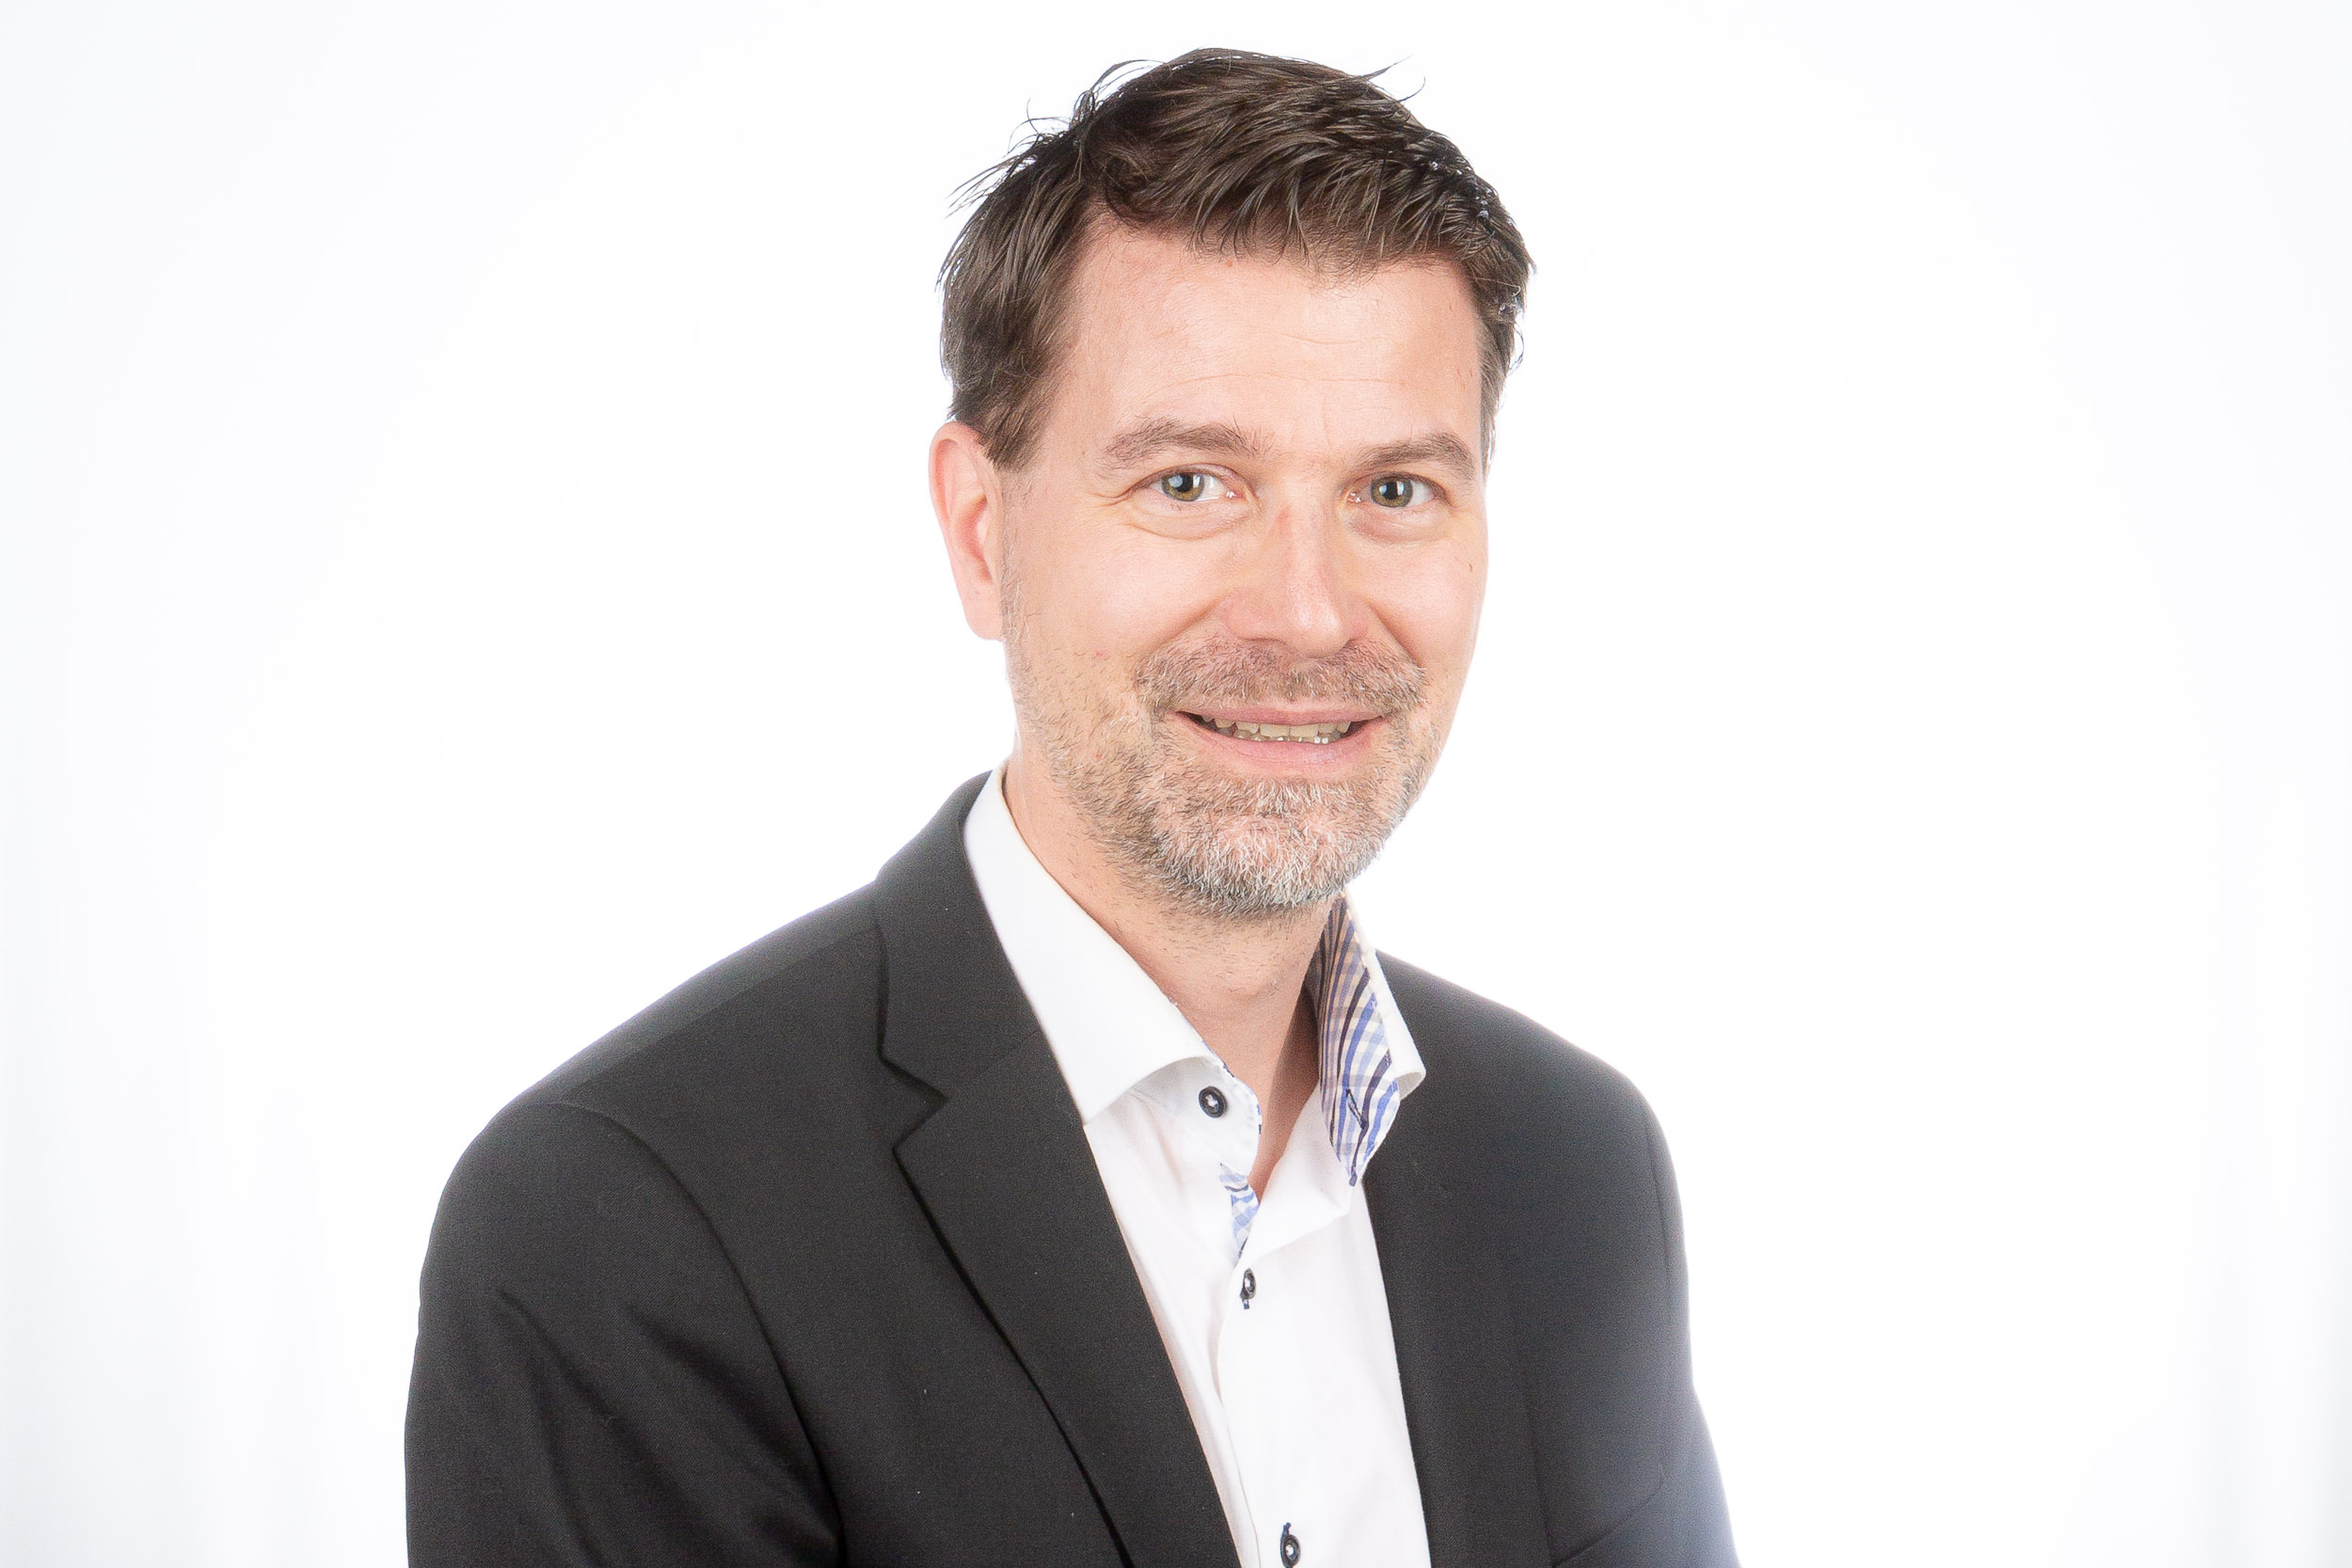 Petri Pekkala